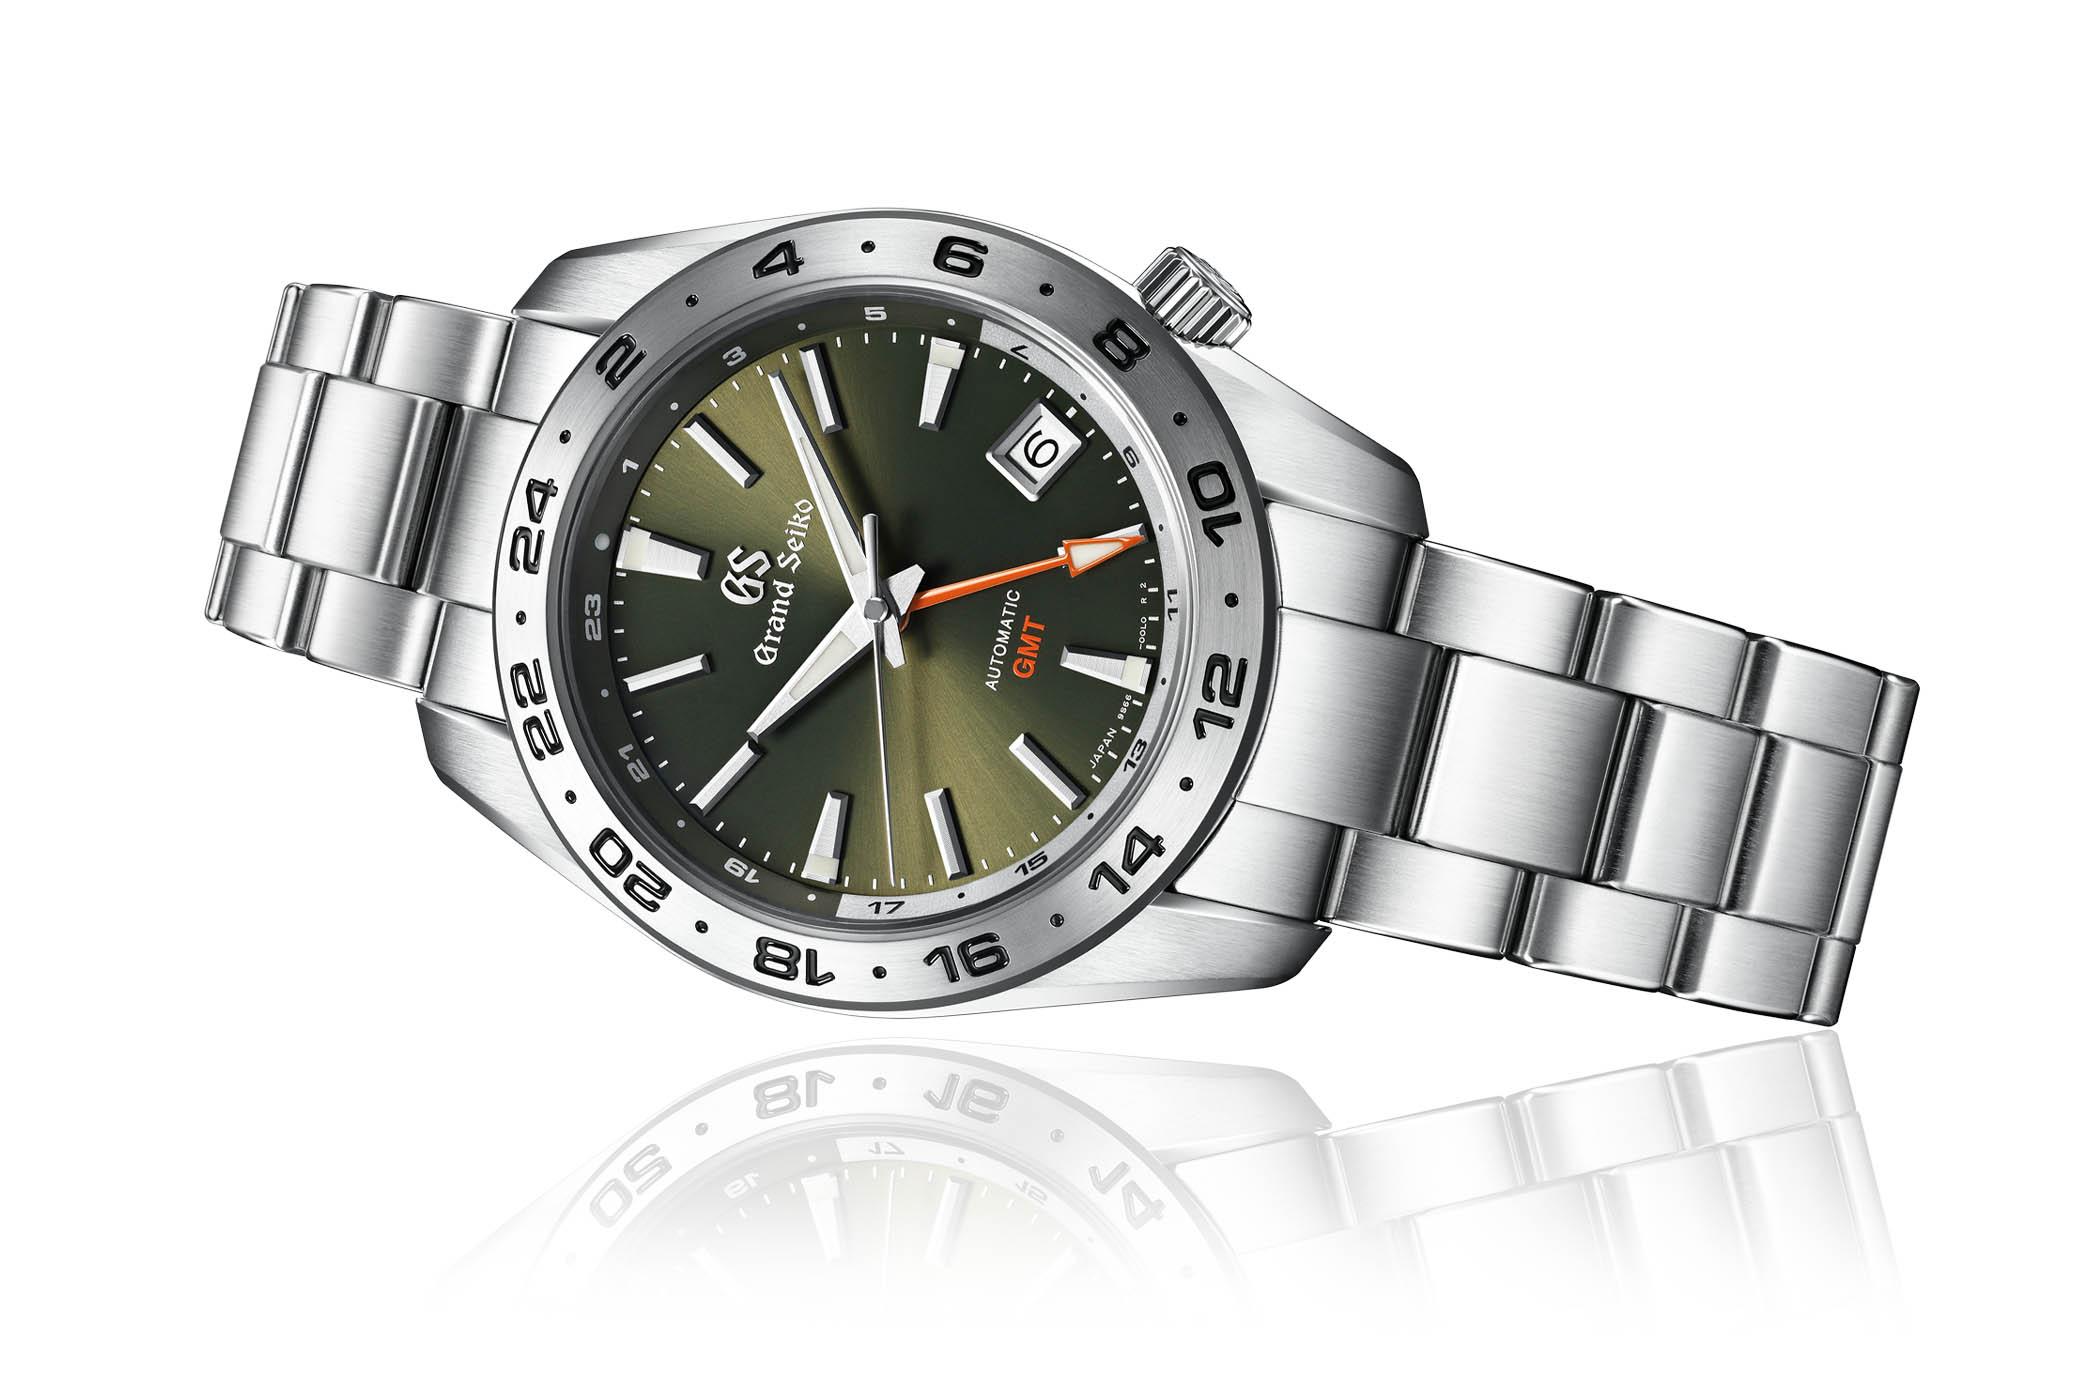 Grand Seiko Sport Collection GMT SBGM247 mechanical Calibre 9S66